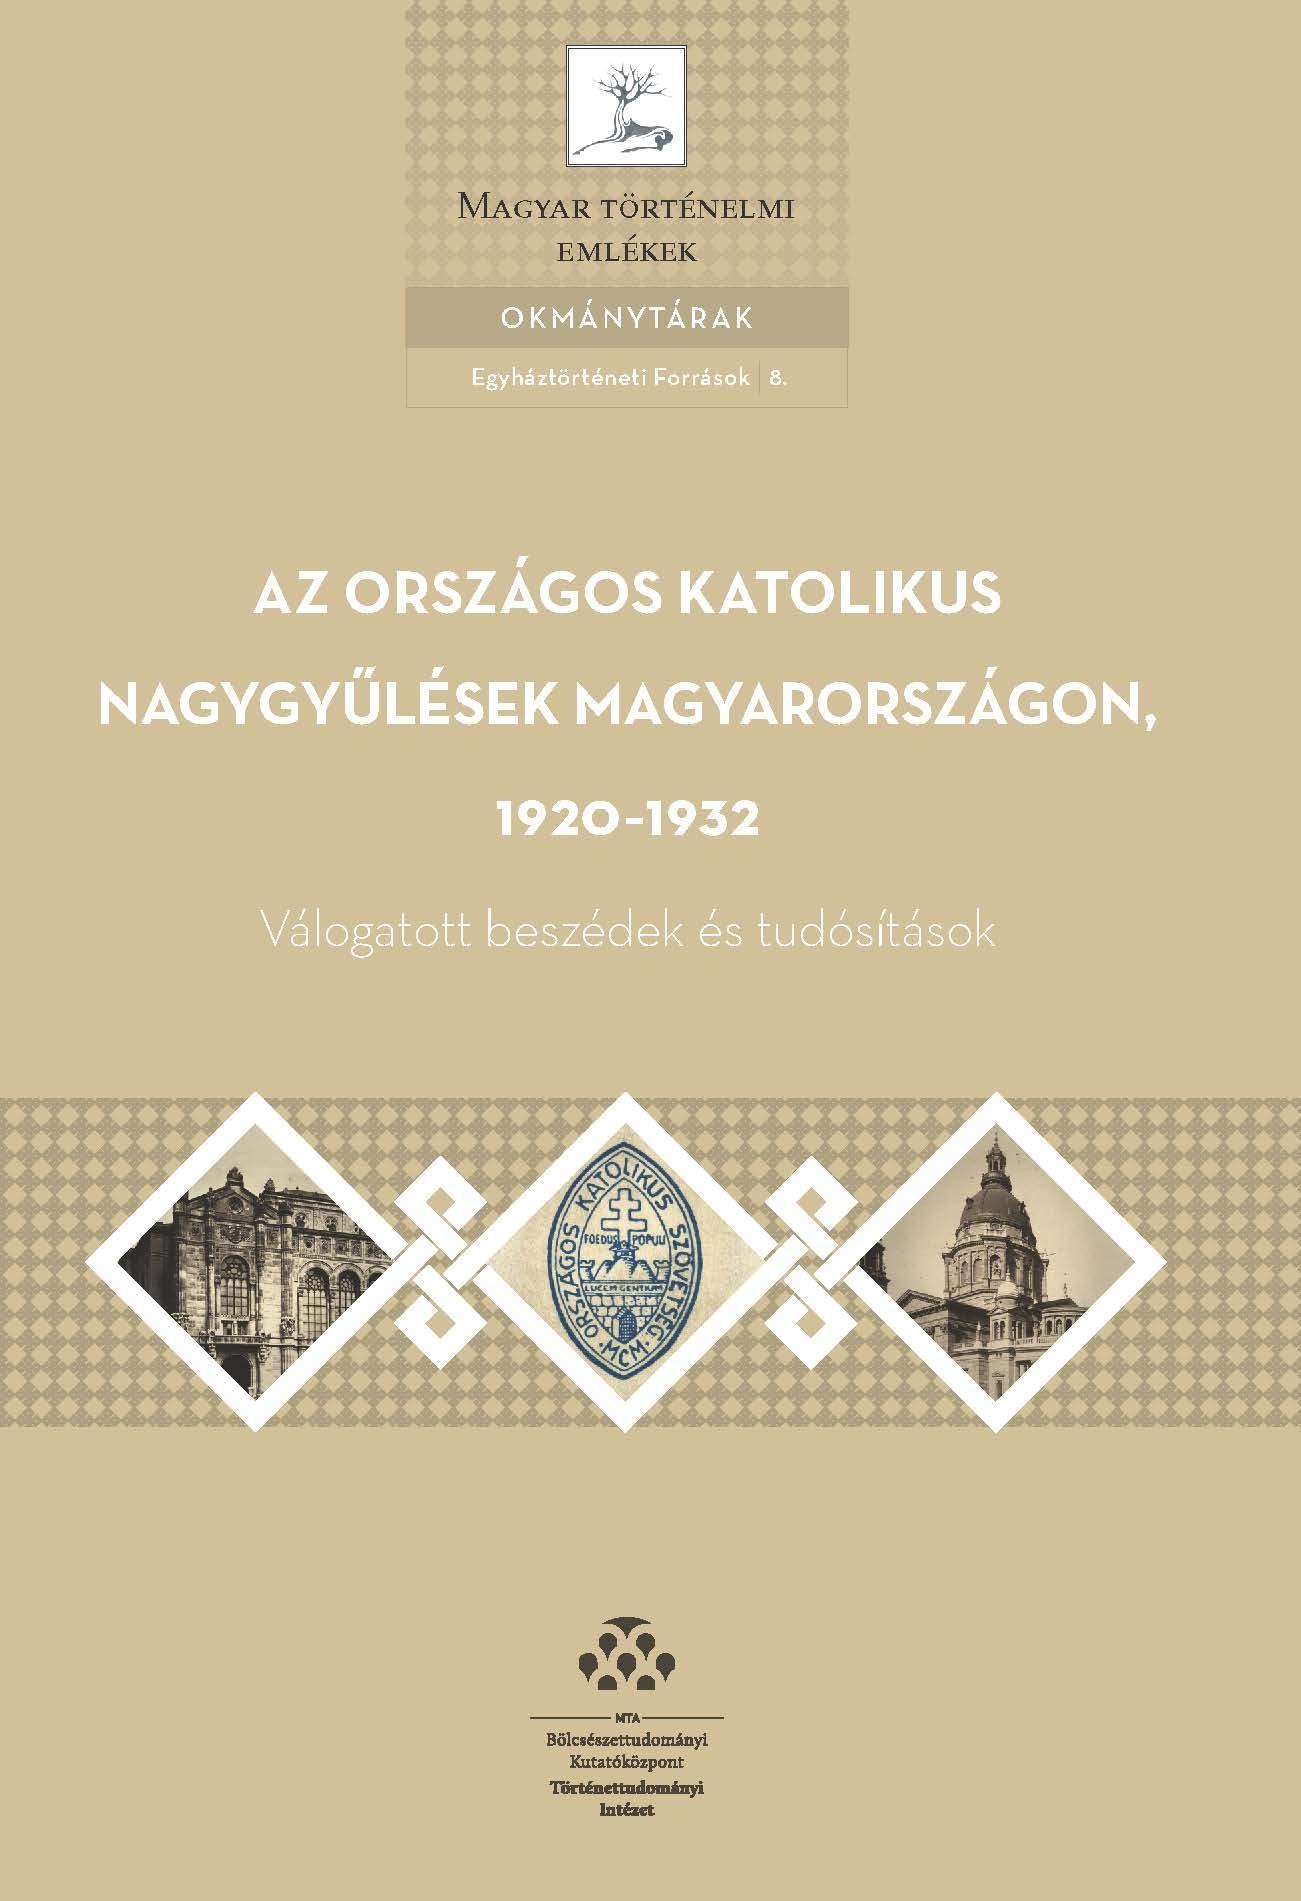 - - AZ ORSZÁGOS KATOLIKUS NAGYGYŰLÉSEK MAGYARORSZÁGON, 1920-1932